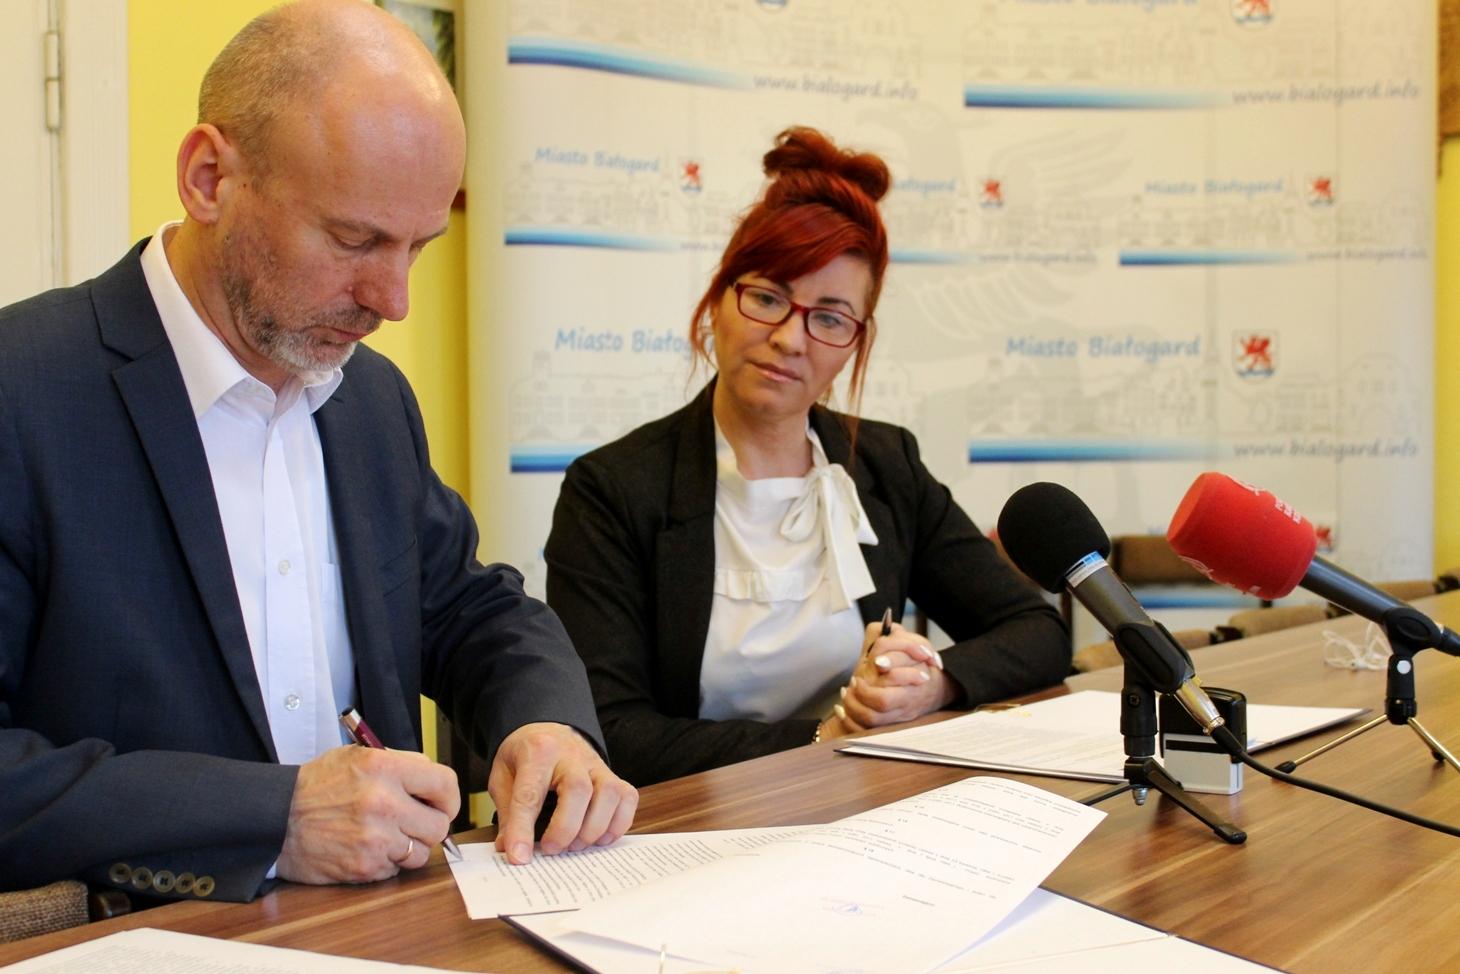 Podpisanie umowy na zmodernizowanie ścieżki poetów i budowę ścieżki rowerowej